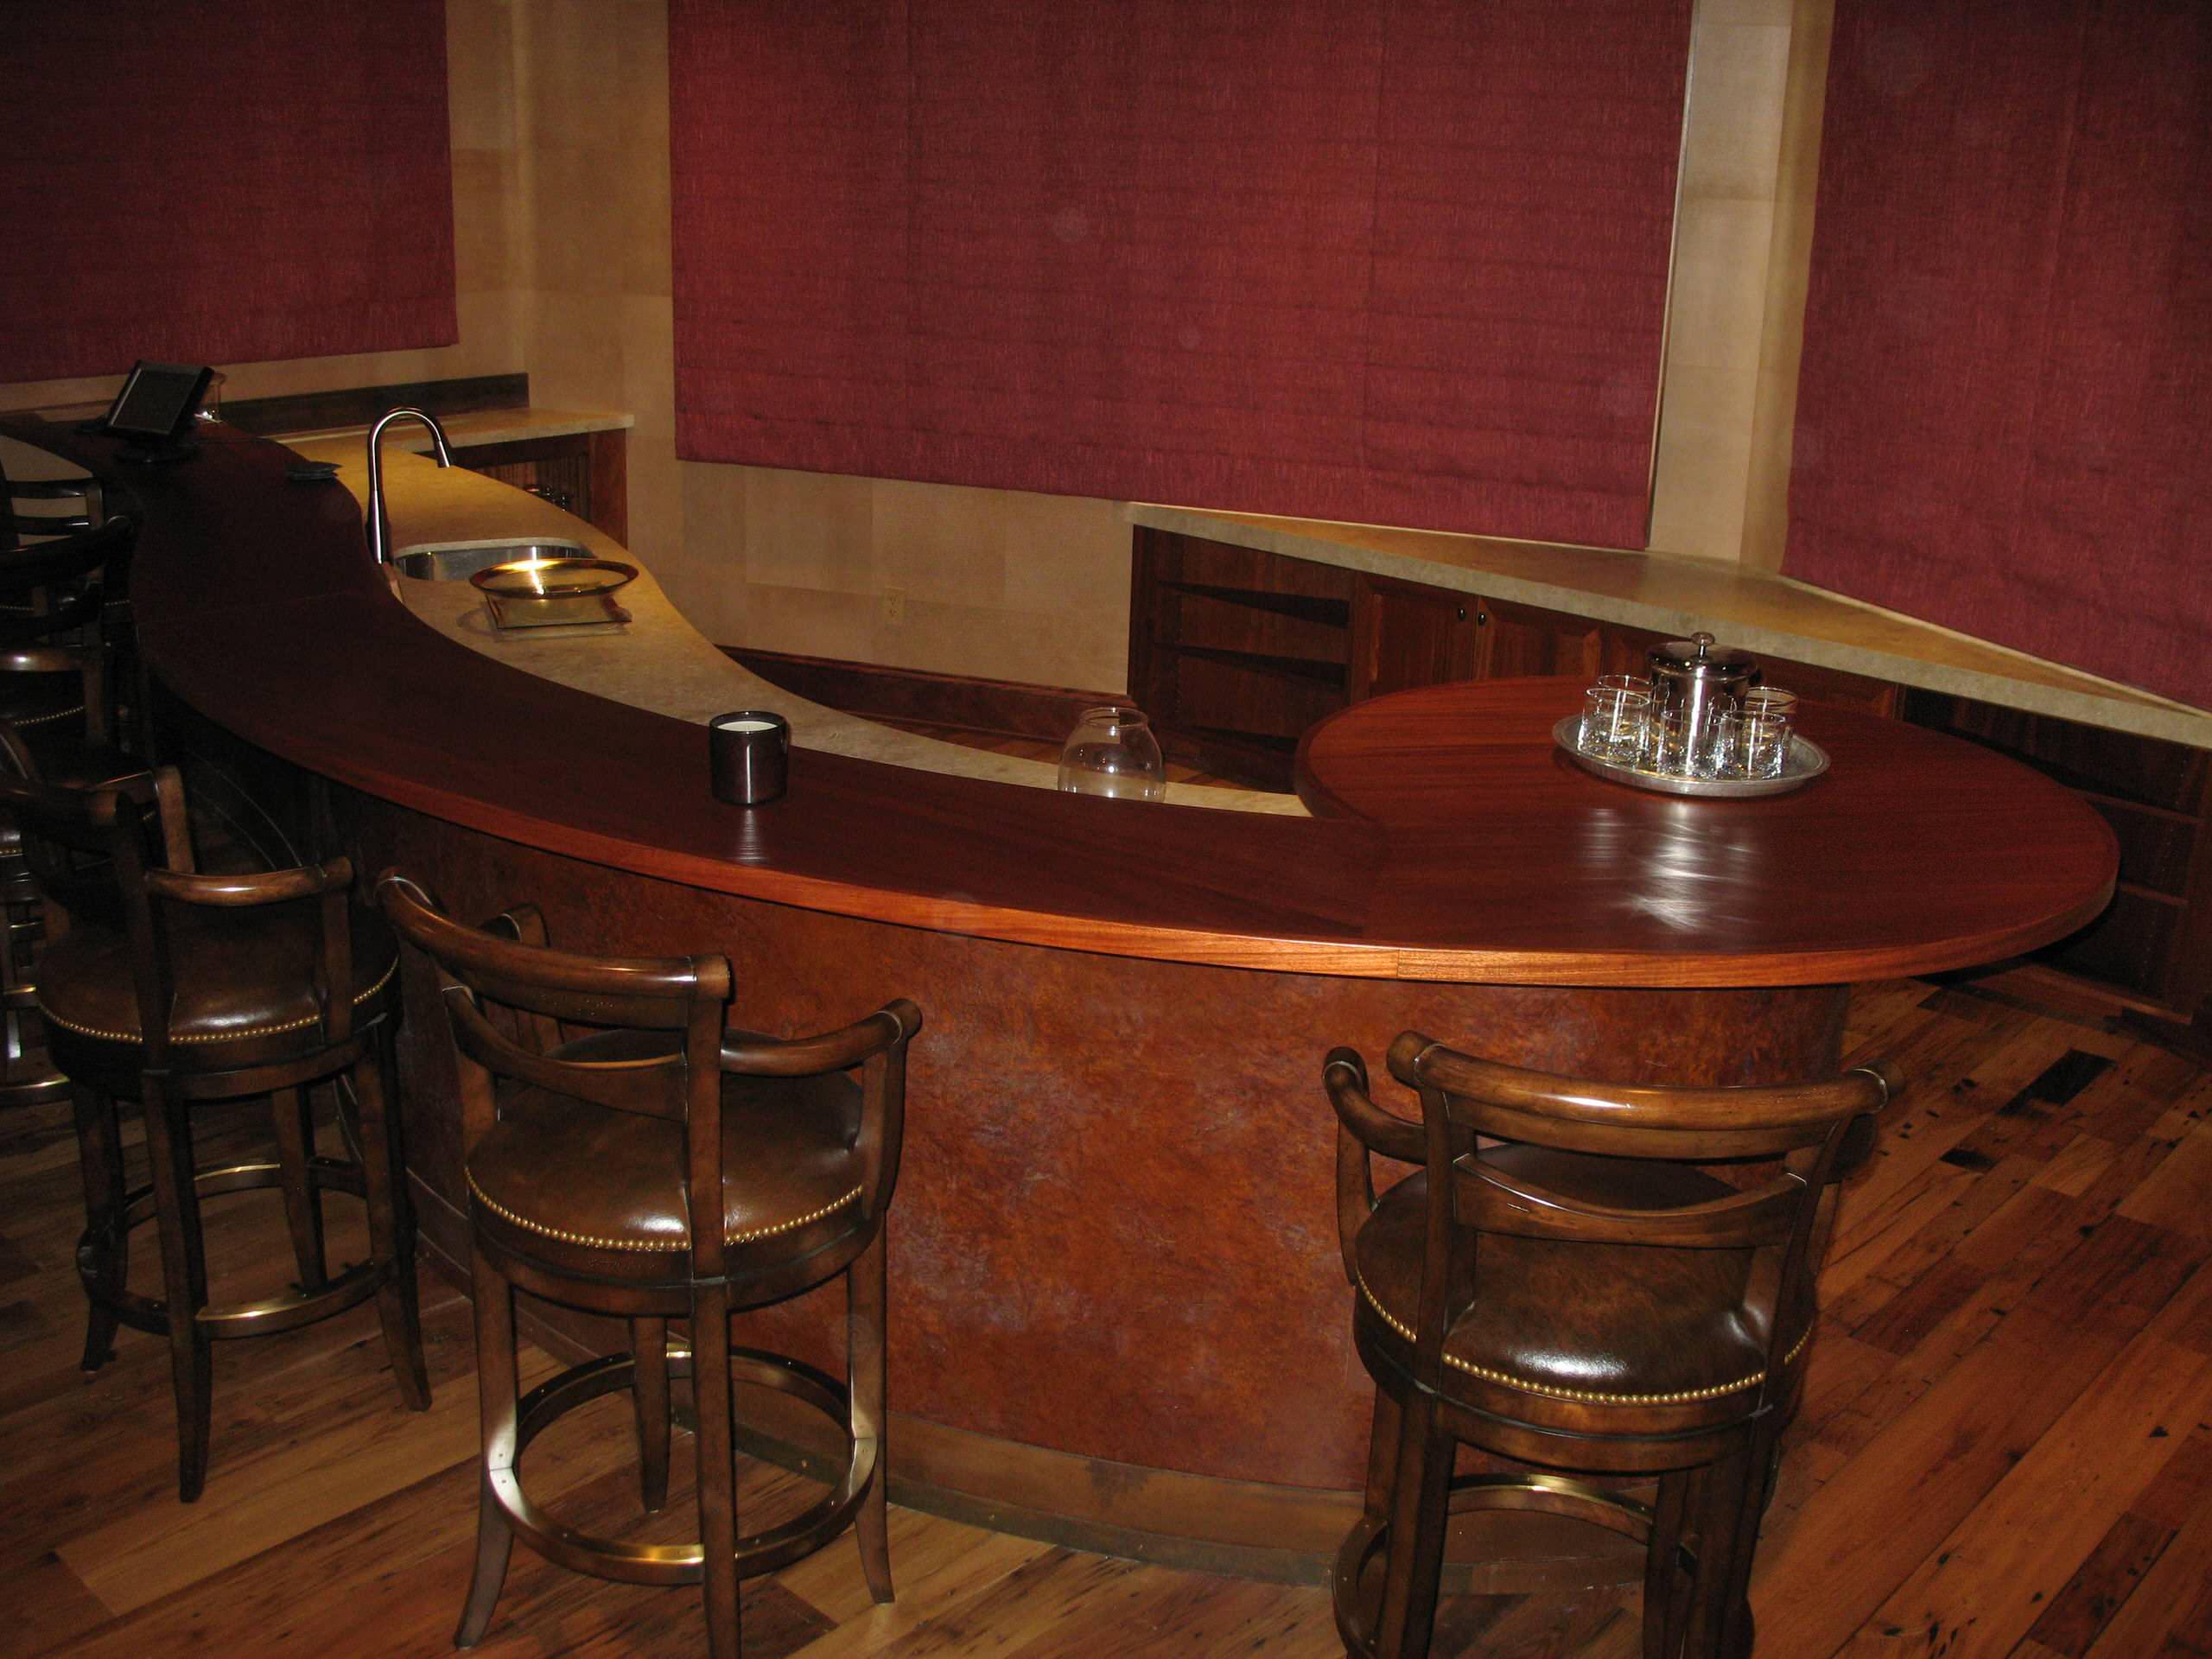 Mountain Bar and Gamesroom